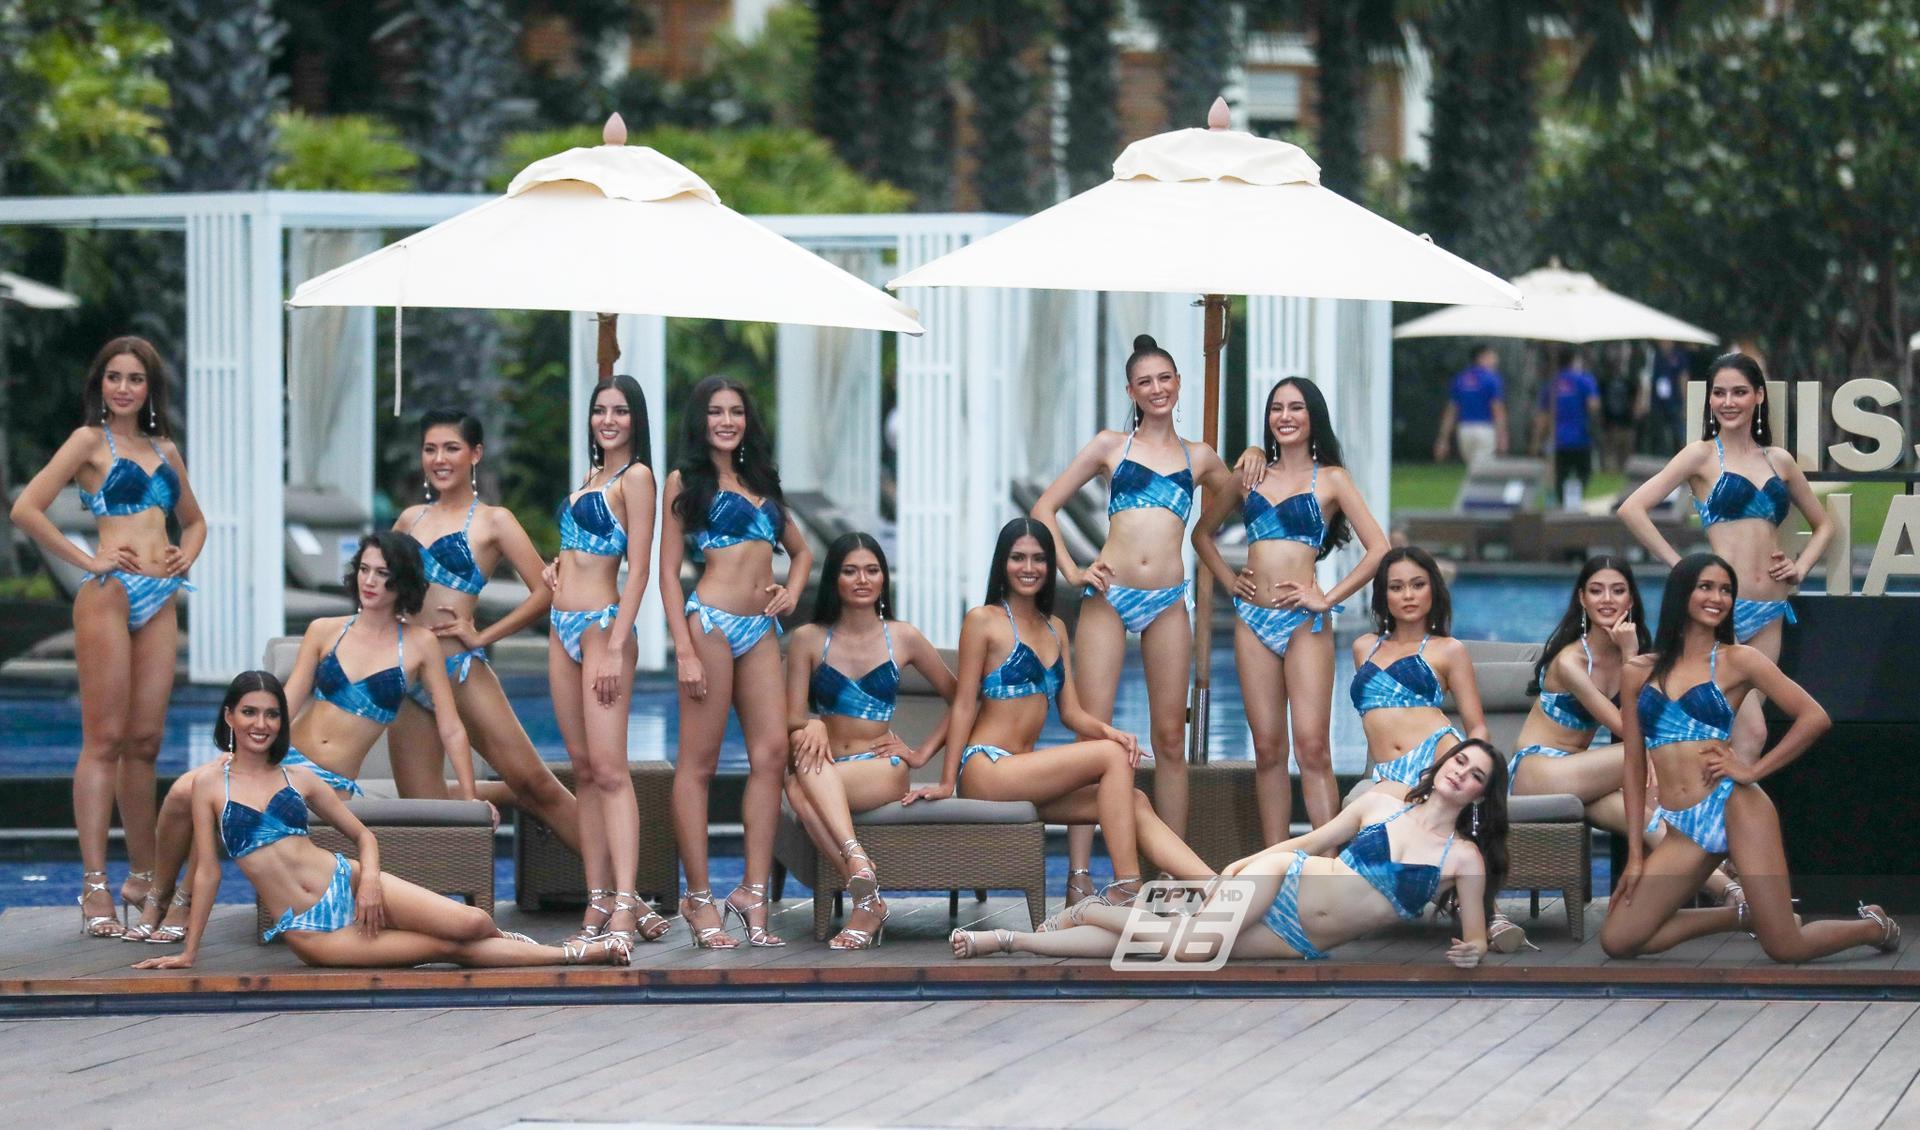 30 สาวงาม MUT 2020 รอบการประกวดชุดว่ายน้ำ